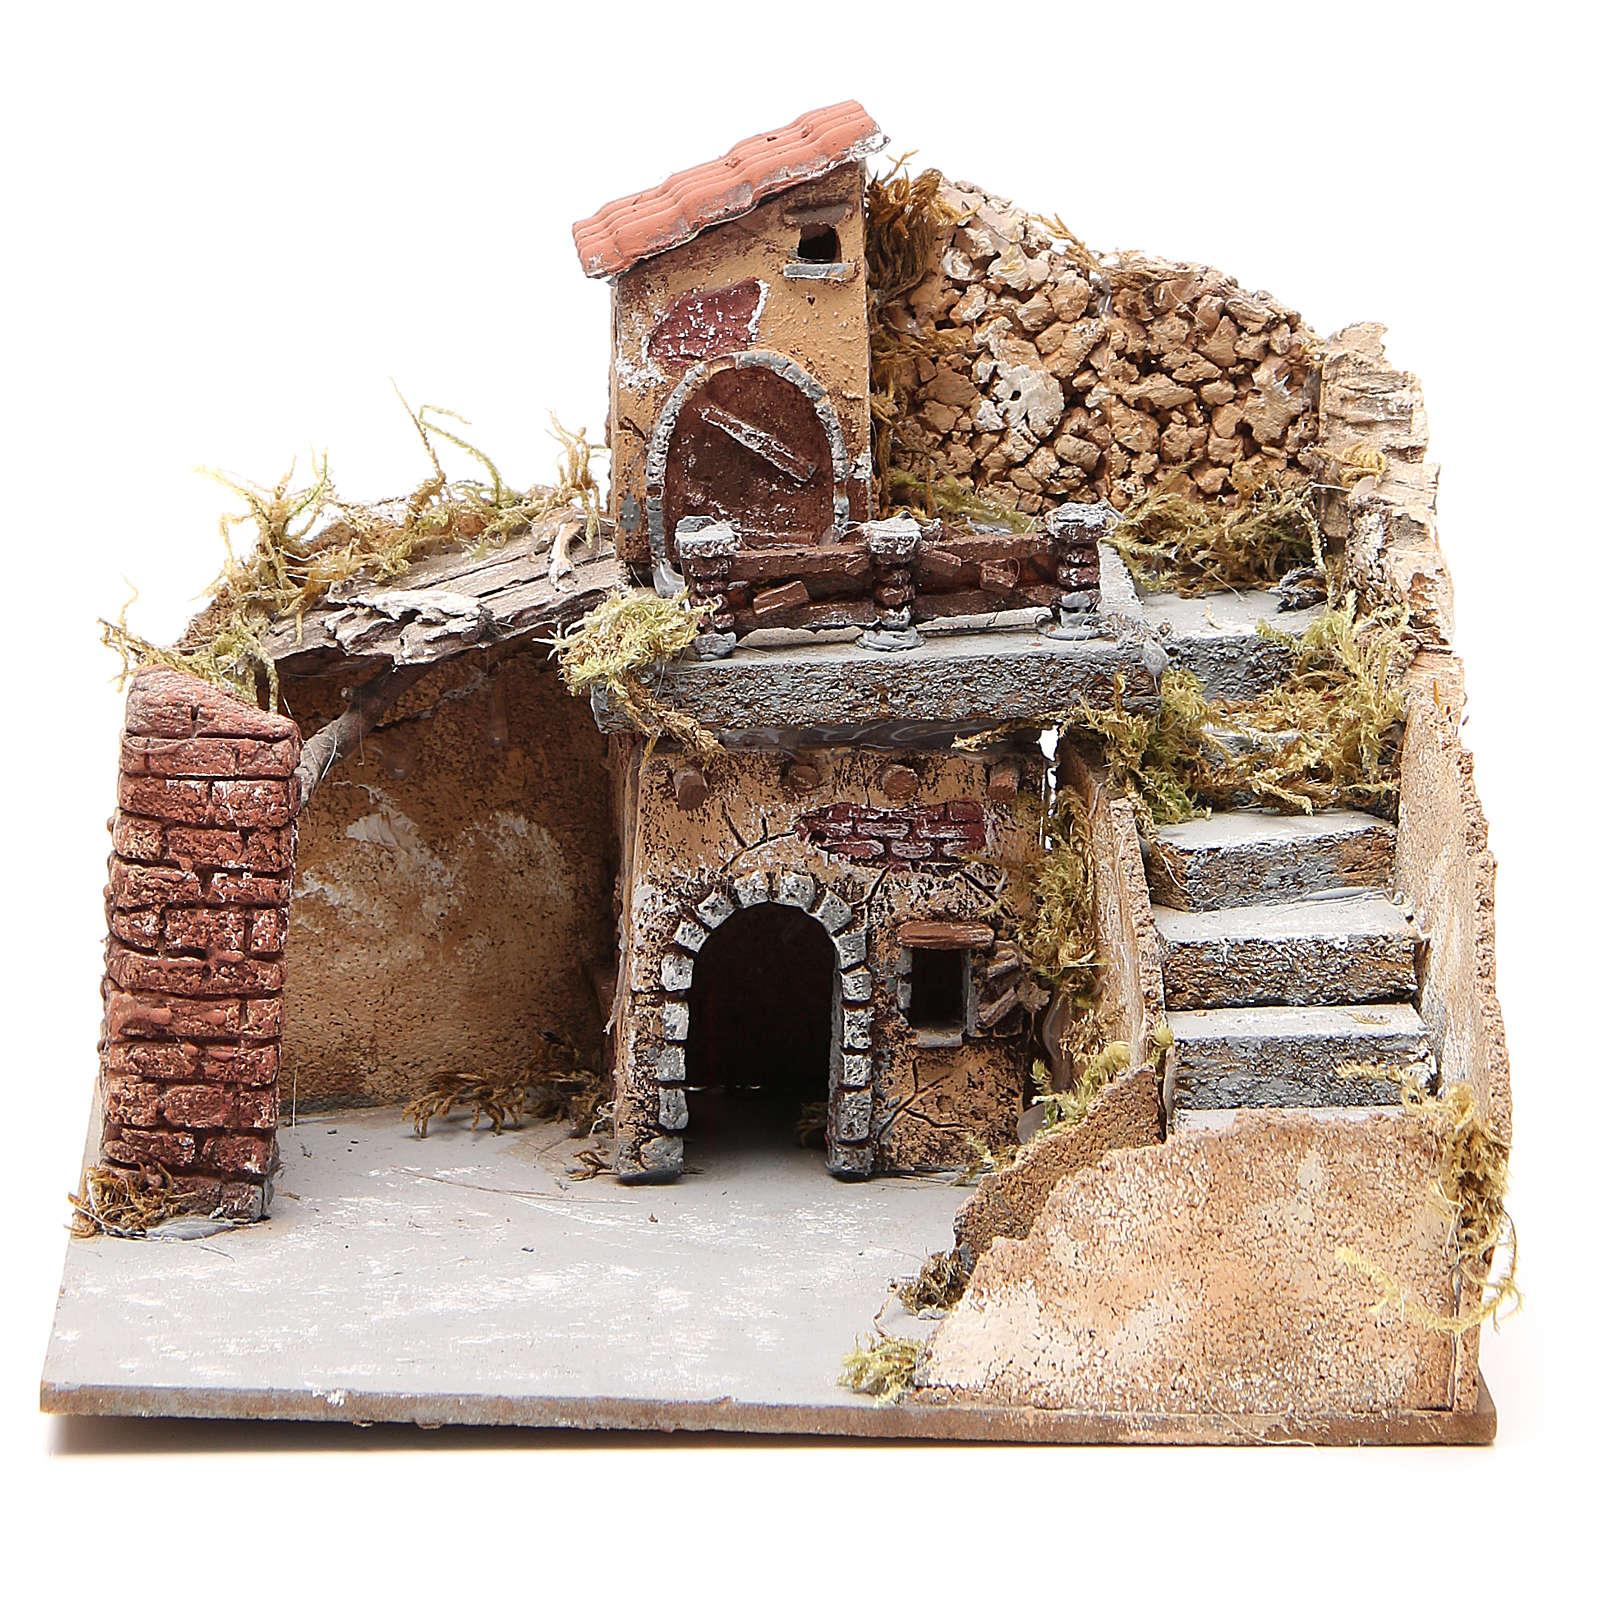 Escenografía anexo casas corcho belén napolitano 20x23x20 cm 4